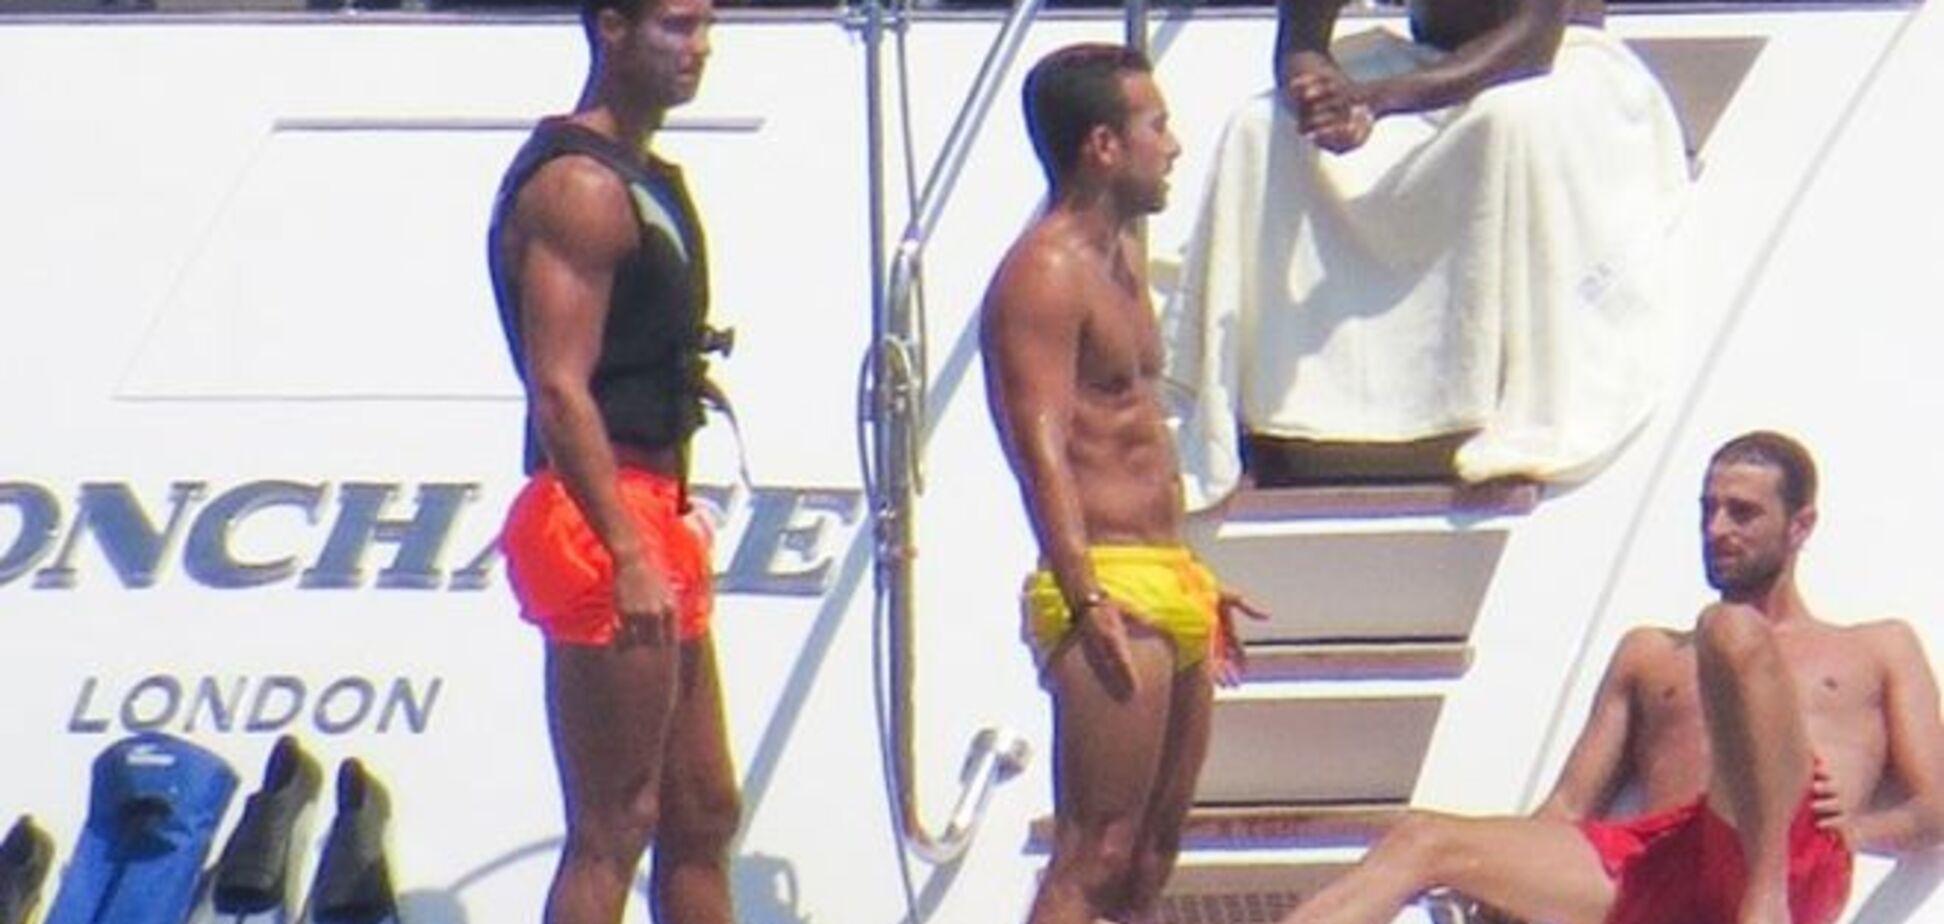 Криштиану Роналду развлекся в тесной компании обнаженных мускулистых мужчин: интригующие фото